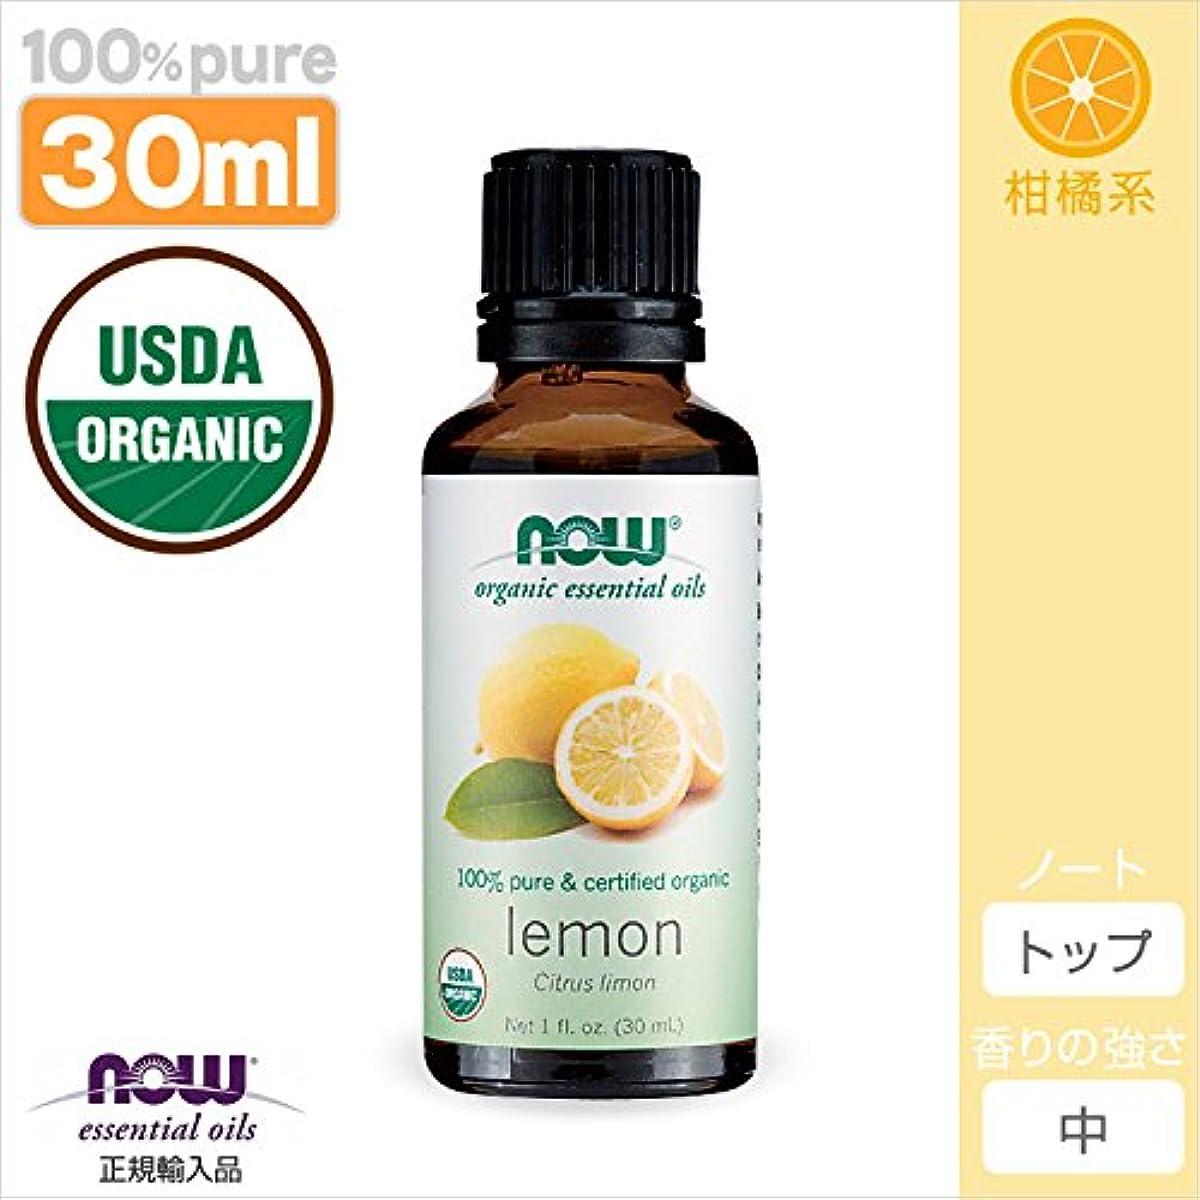 遠足改善定説レモン精油オーガニック[30ml] 【正規輸入品】 NOWエッセンシャルオイル(アロマオイル)